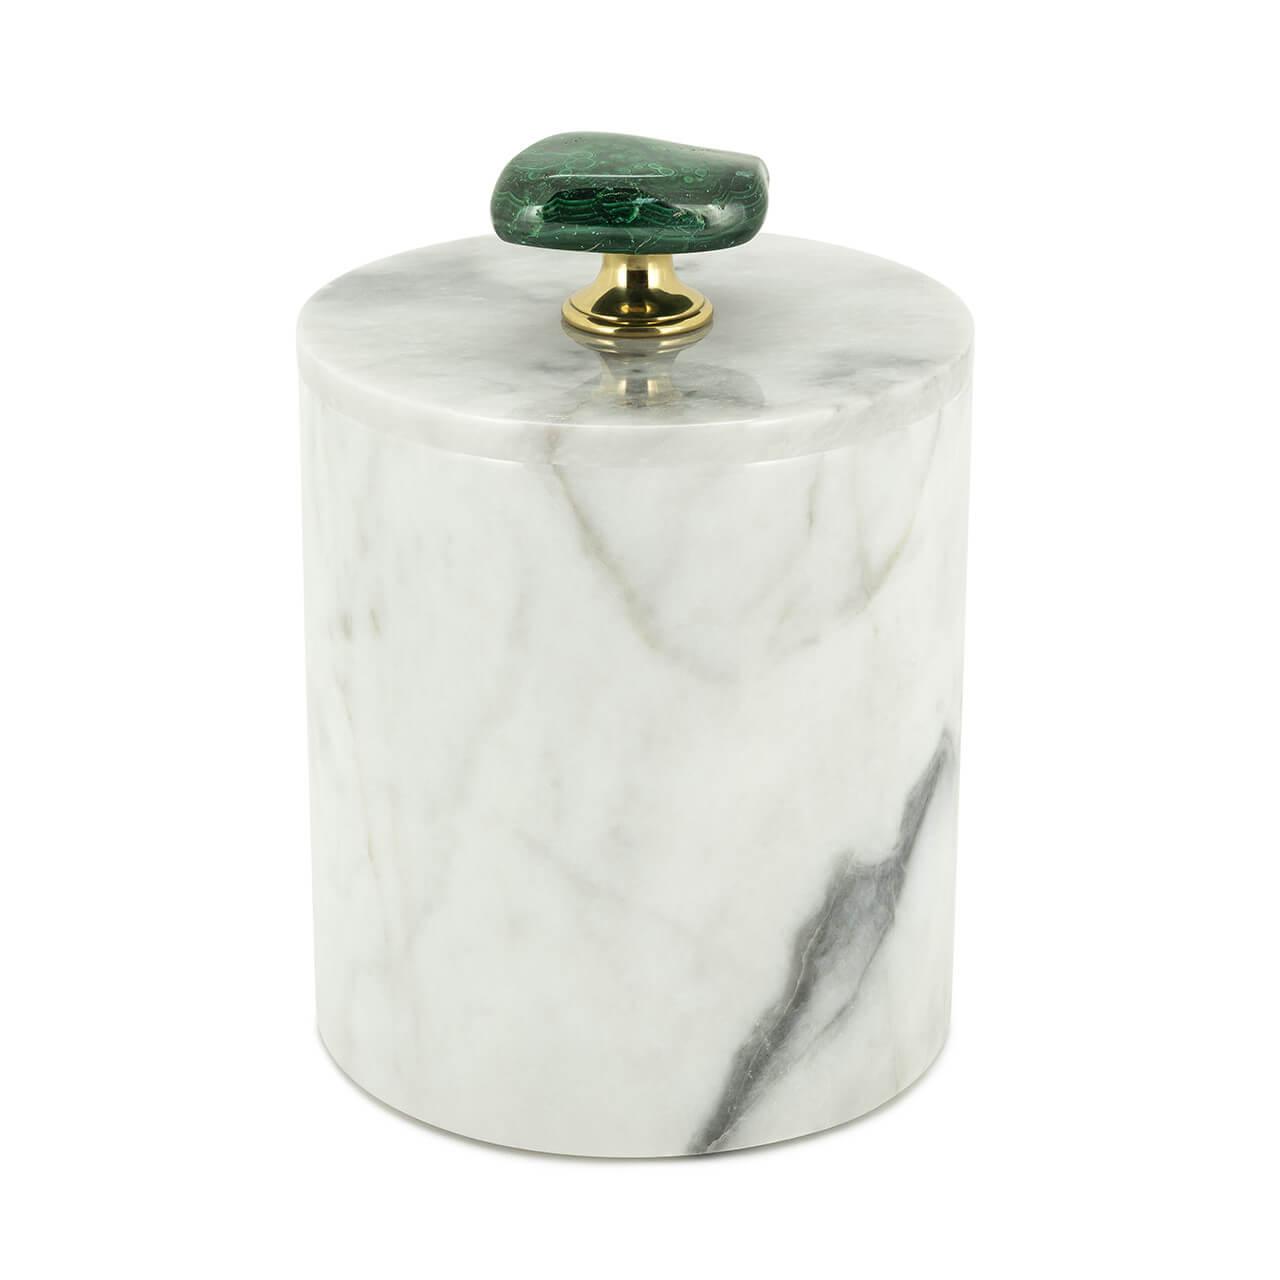 ABHIKA Box Lixus Malaki Tall, H20 D14, Green/White